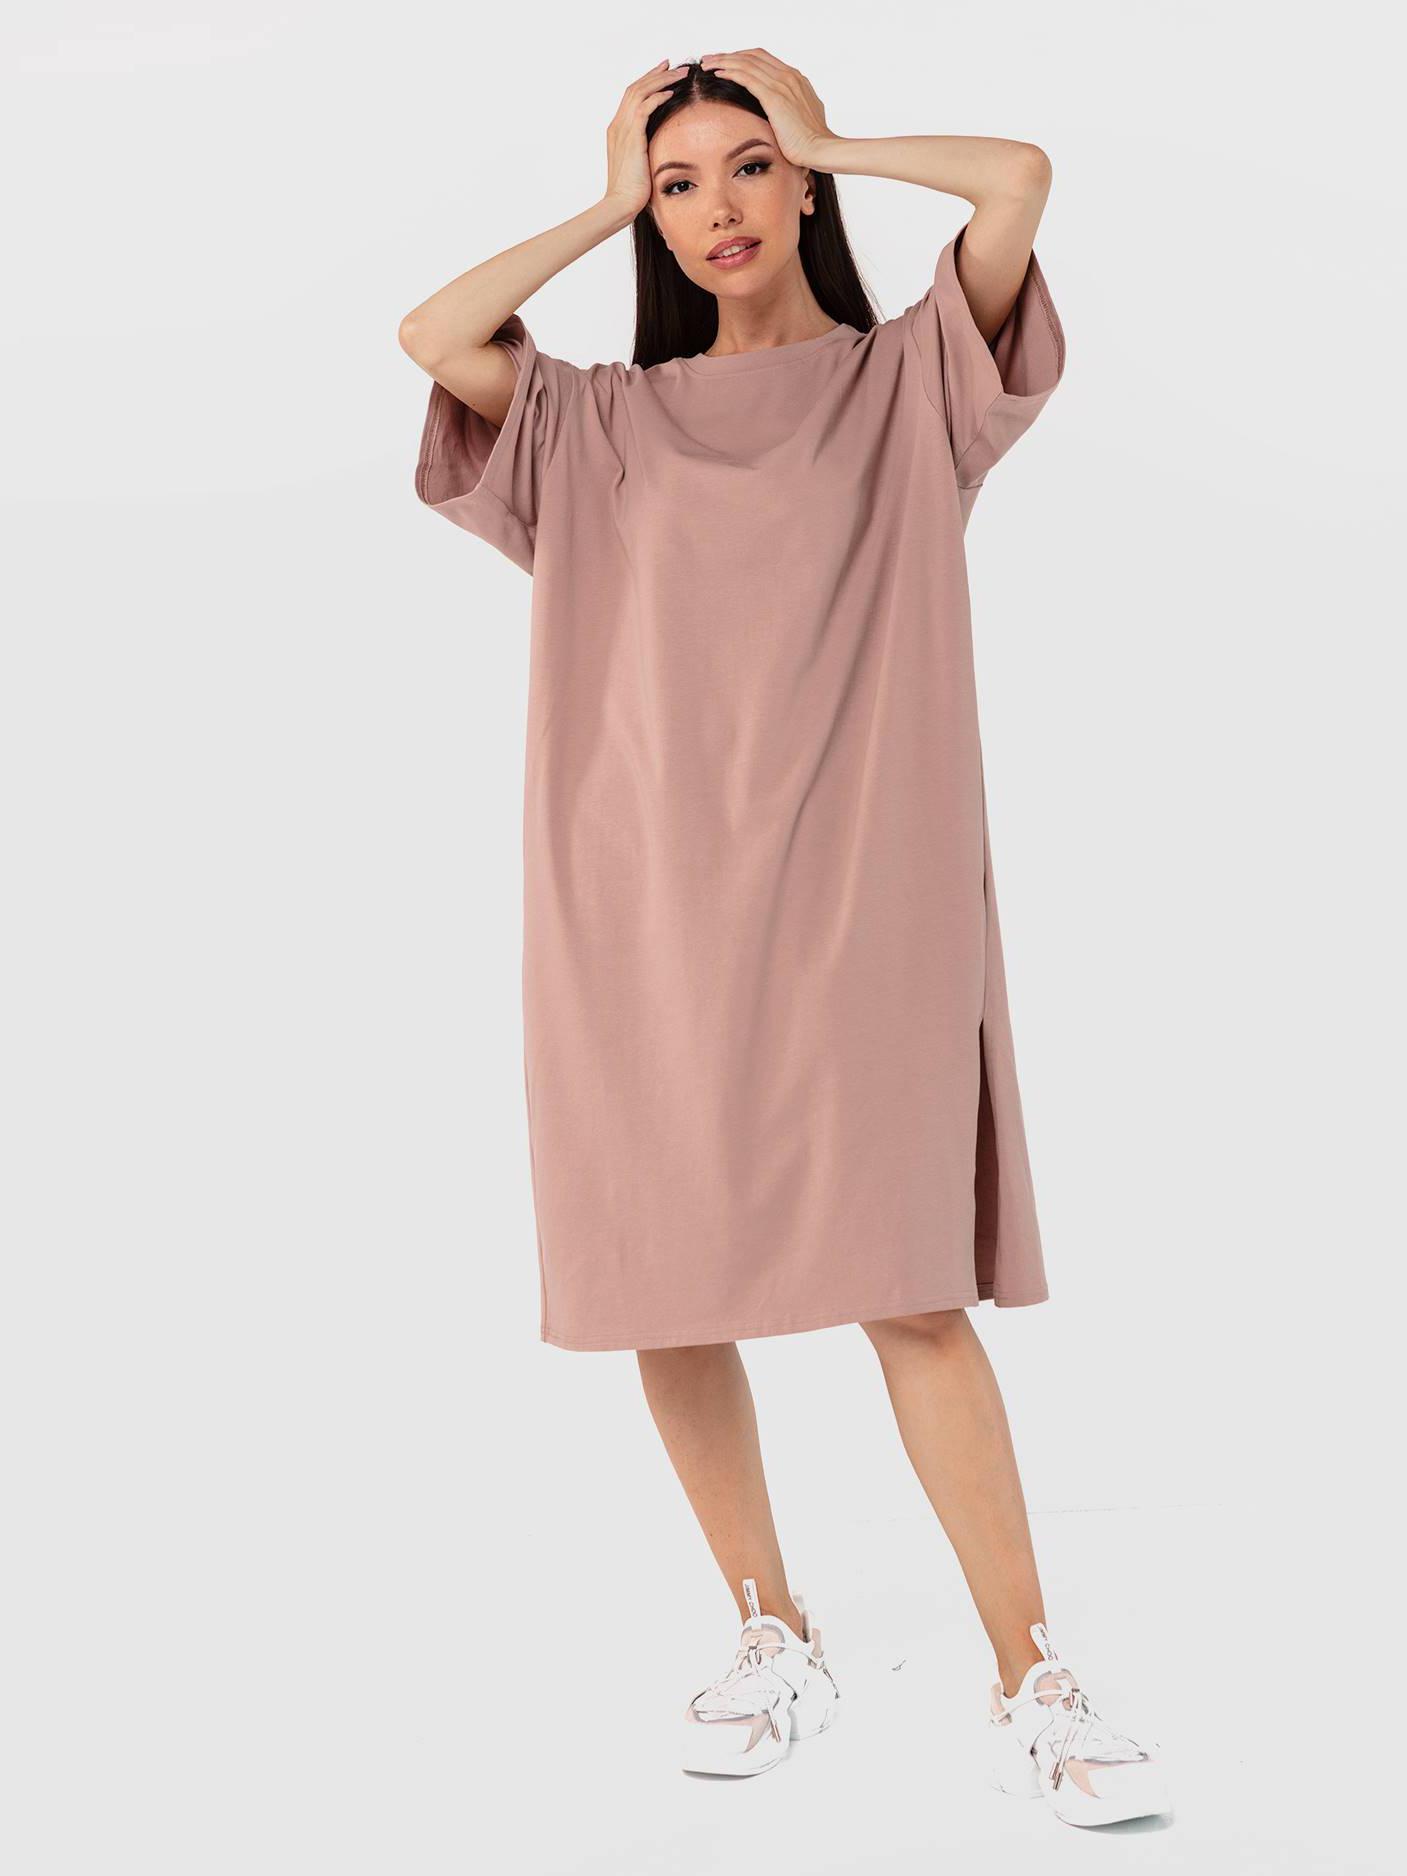 Платье-футболка темный визон с разрезом